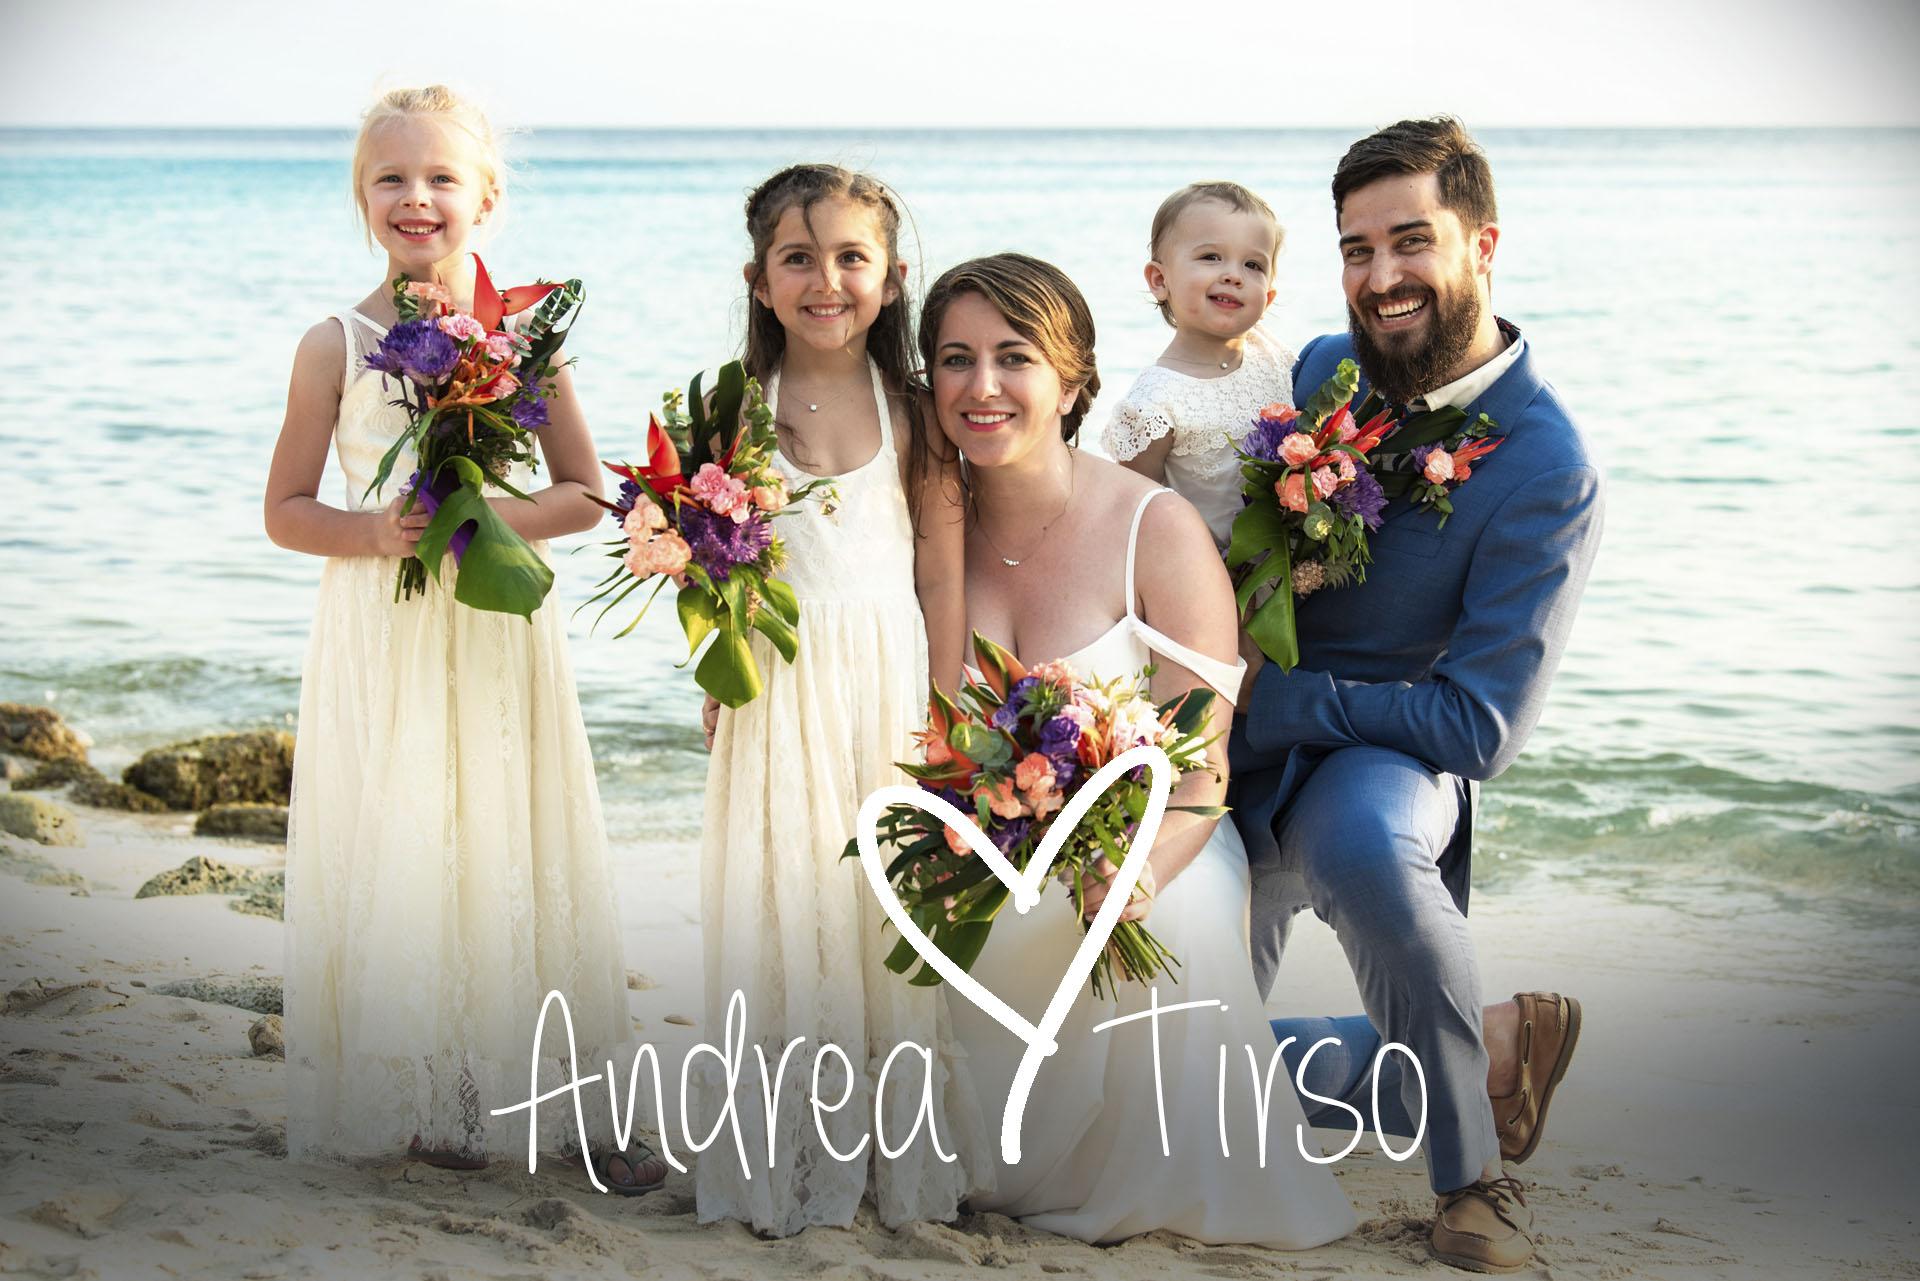 Andrea & Tirso